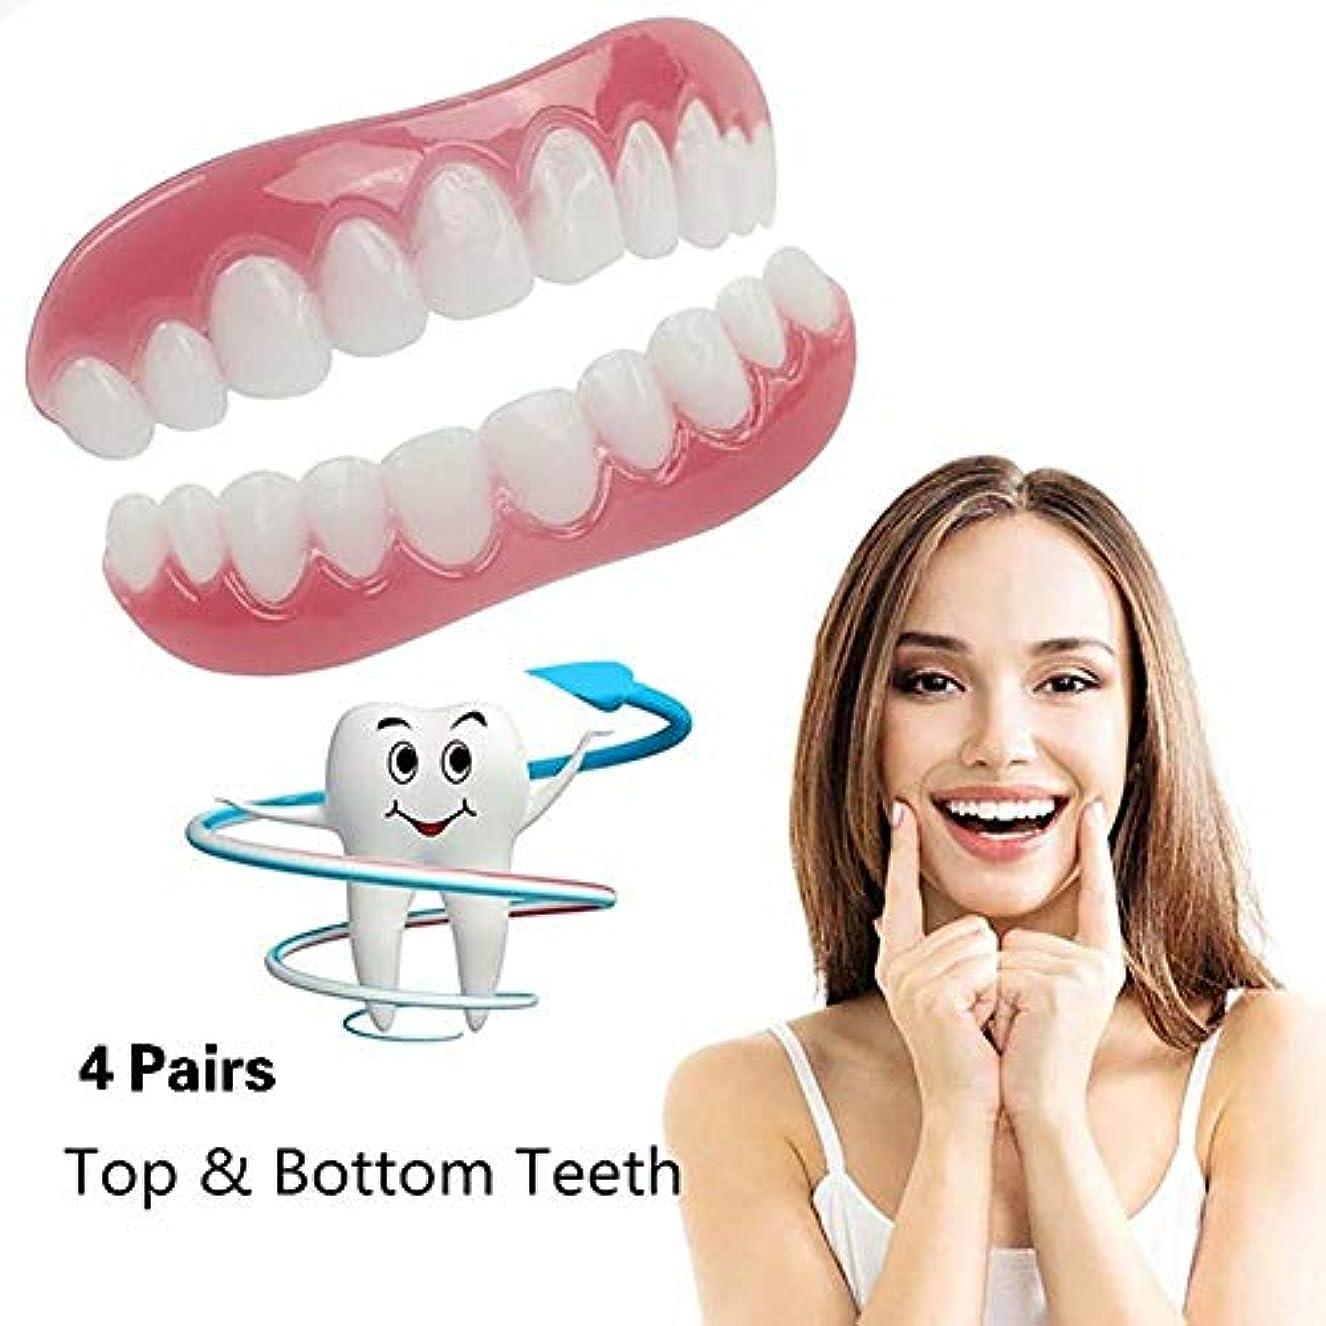 制約参加者求めるシリコーンの歯のベニヤ化粧品の歯のスナップのしっかりとした上部の低い屈曲の歯科ベニヤ義歯のケアを白くする完全な歯1つのサイズに収まるすべて